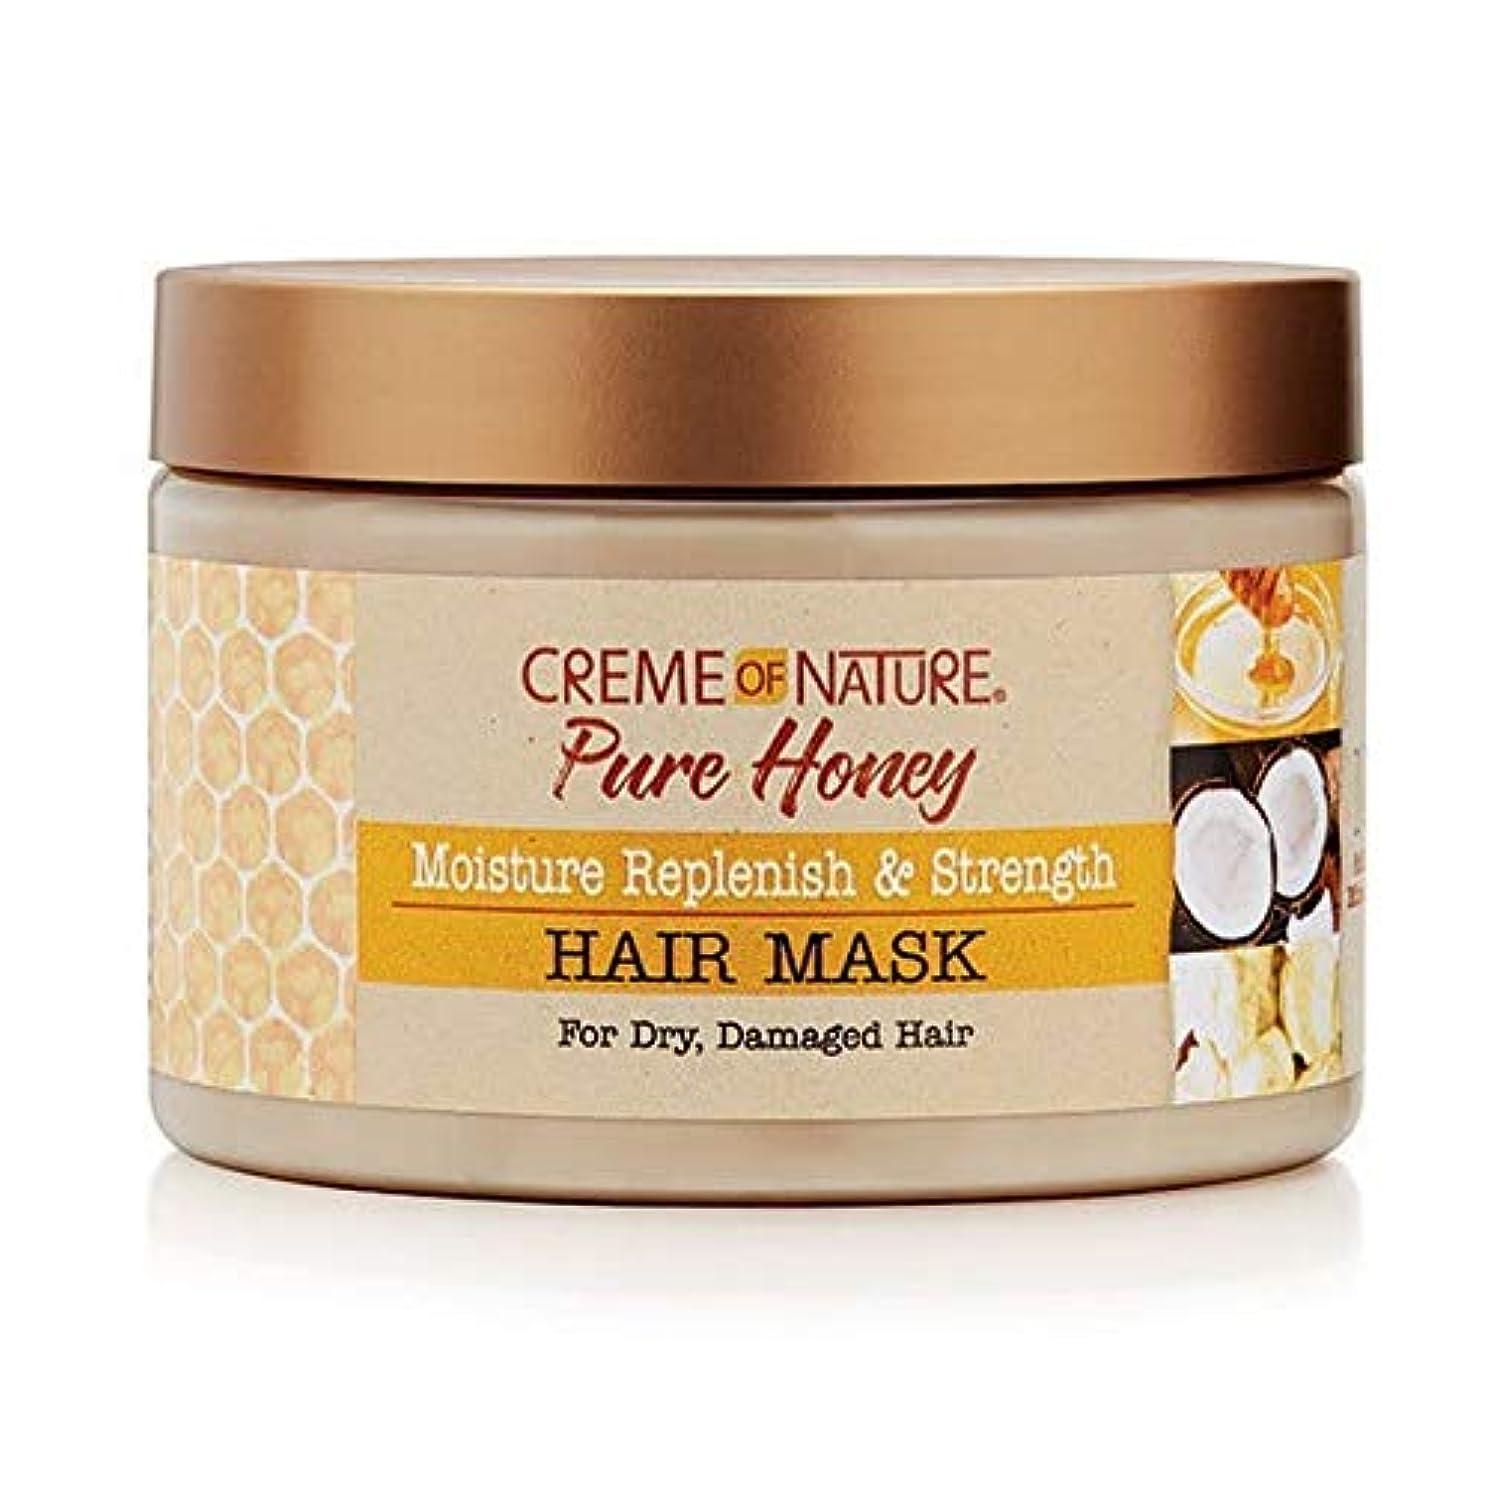 怠な問い合わせ溶接[Creme of Nature ] 自然の純粋な蜂蜜のクリーム補充&ヘアマスクを強化 - Creme of Nature Pure Honey Replenish & Strengthen Hair Mask [並行輸入品]